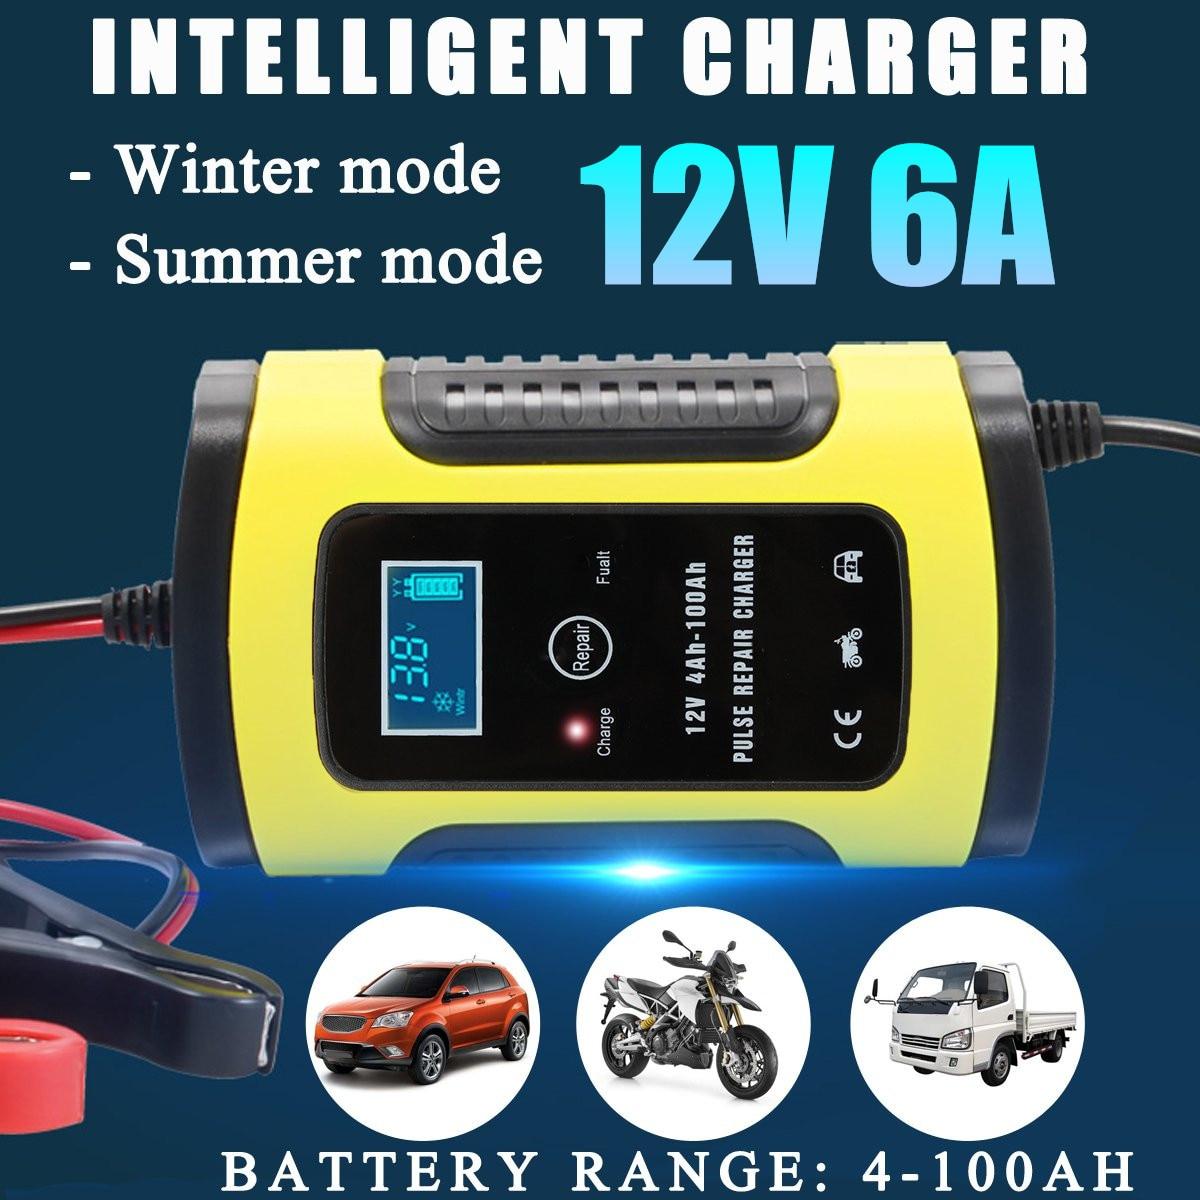 12 v 6a reparação lcd carregador de bateria inteligente rápido para o tipo de reparo da motocicleta do carro bateria ácida ao chumbo agm gel baterias molhadas carregamento